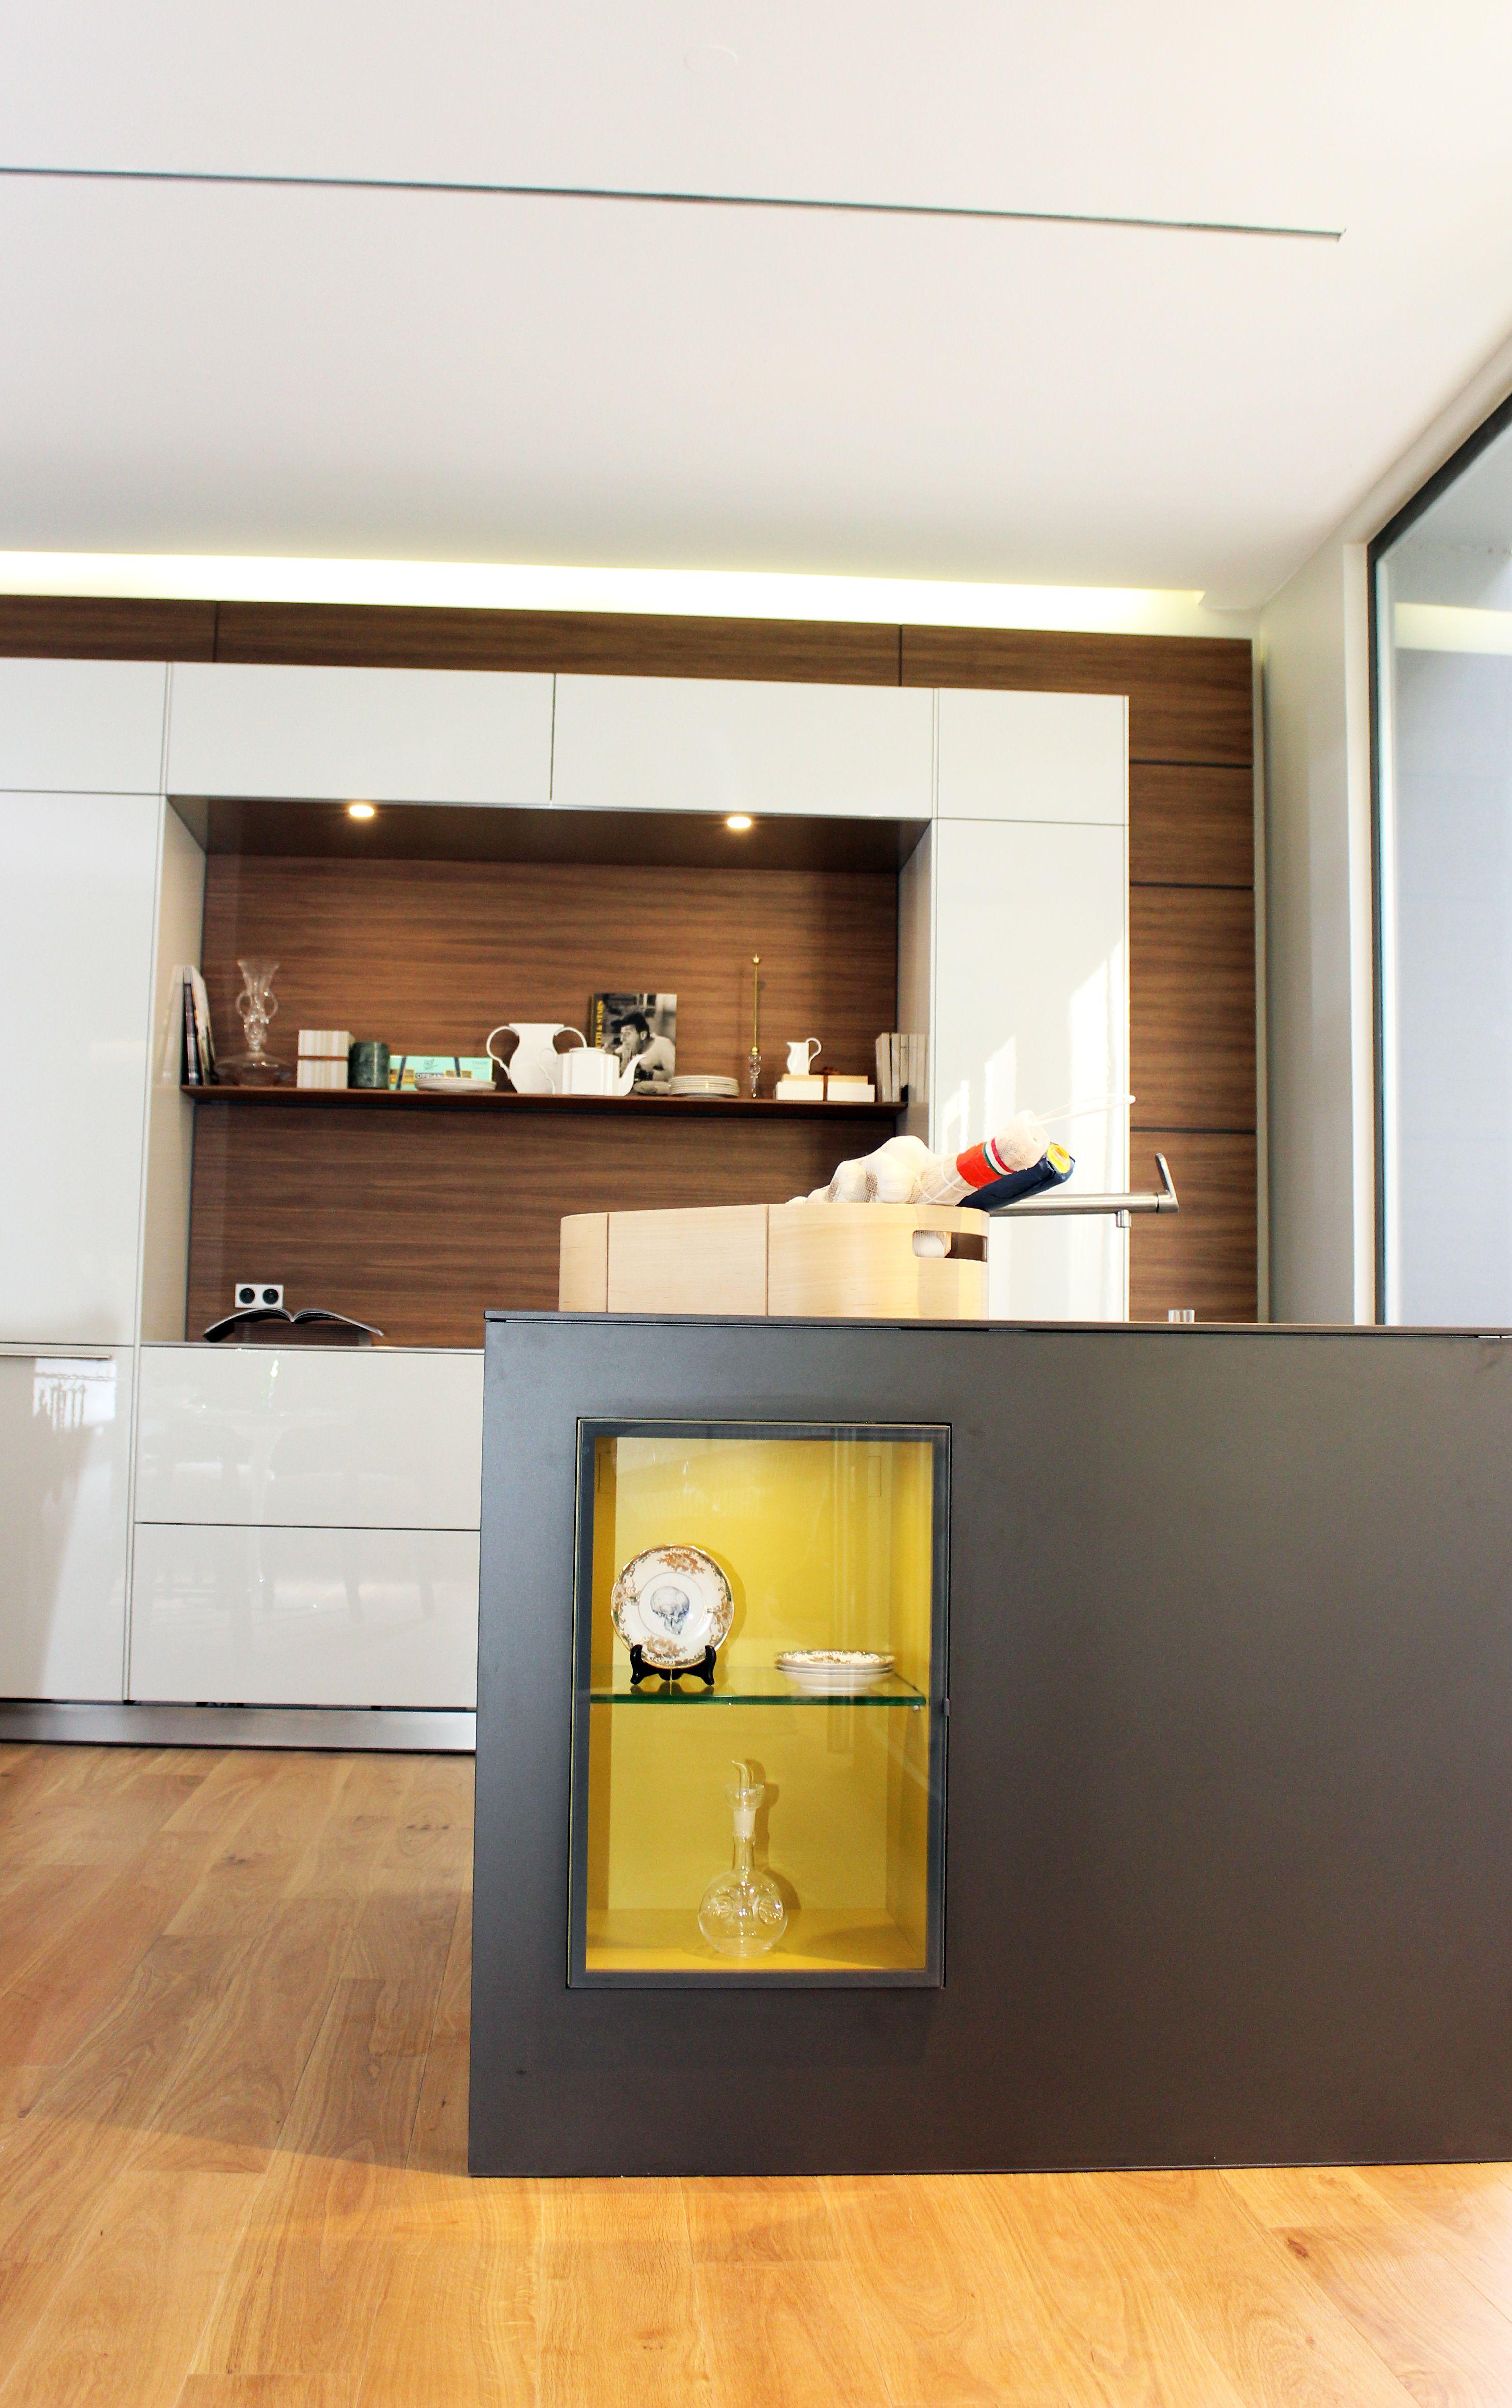 Showroom M2 A Grenoble Cuisine Bulthaup Mobilier Contemporain Architecture Interieure Mobilier